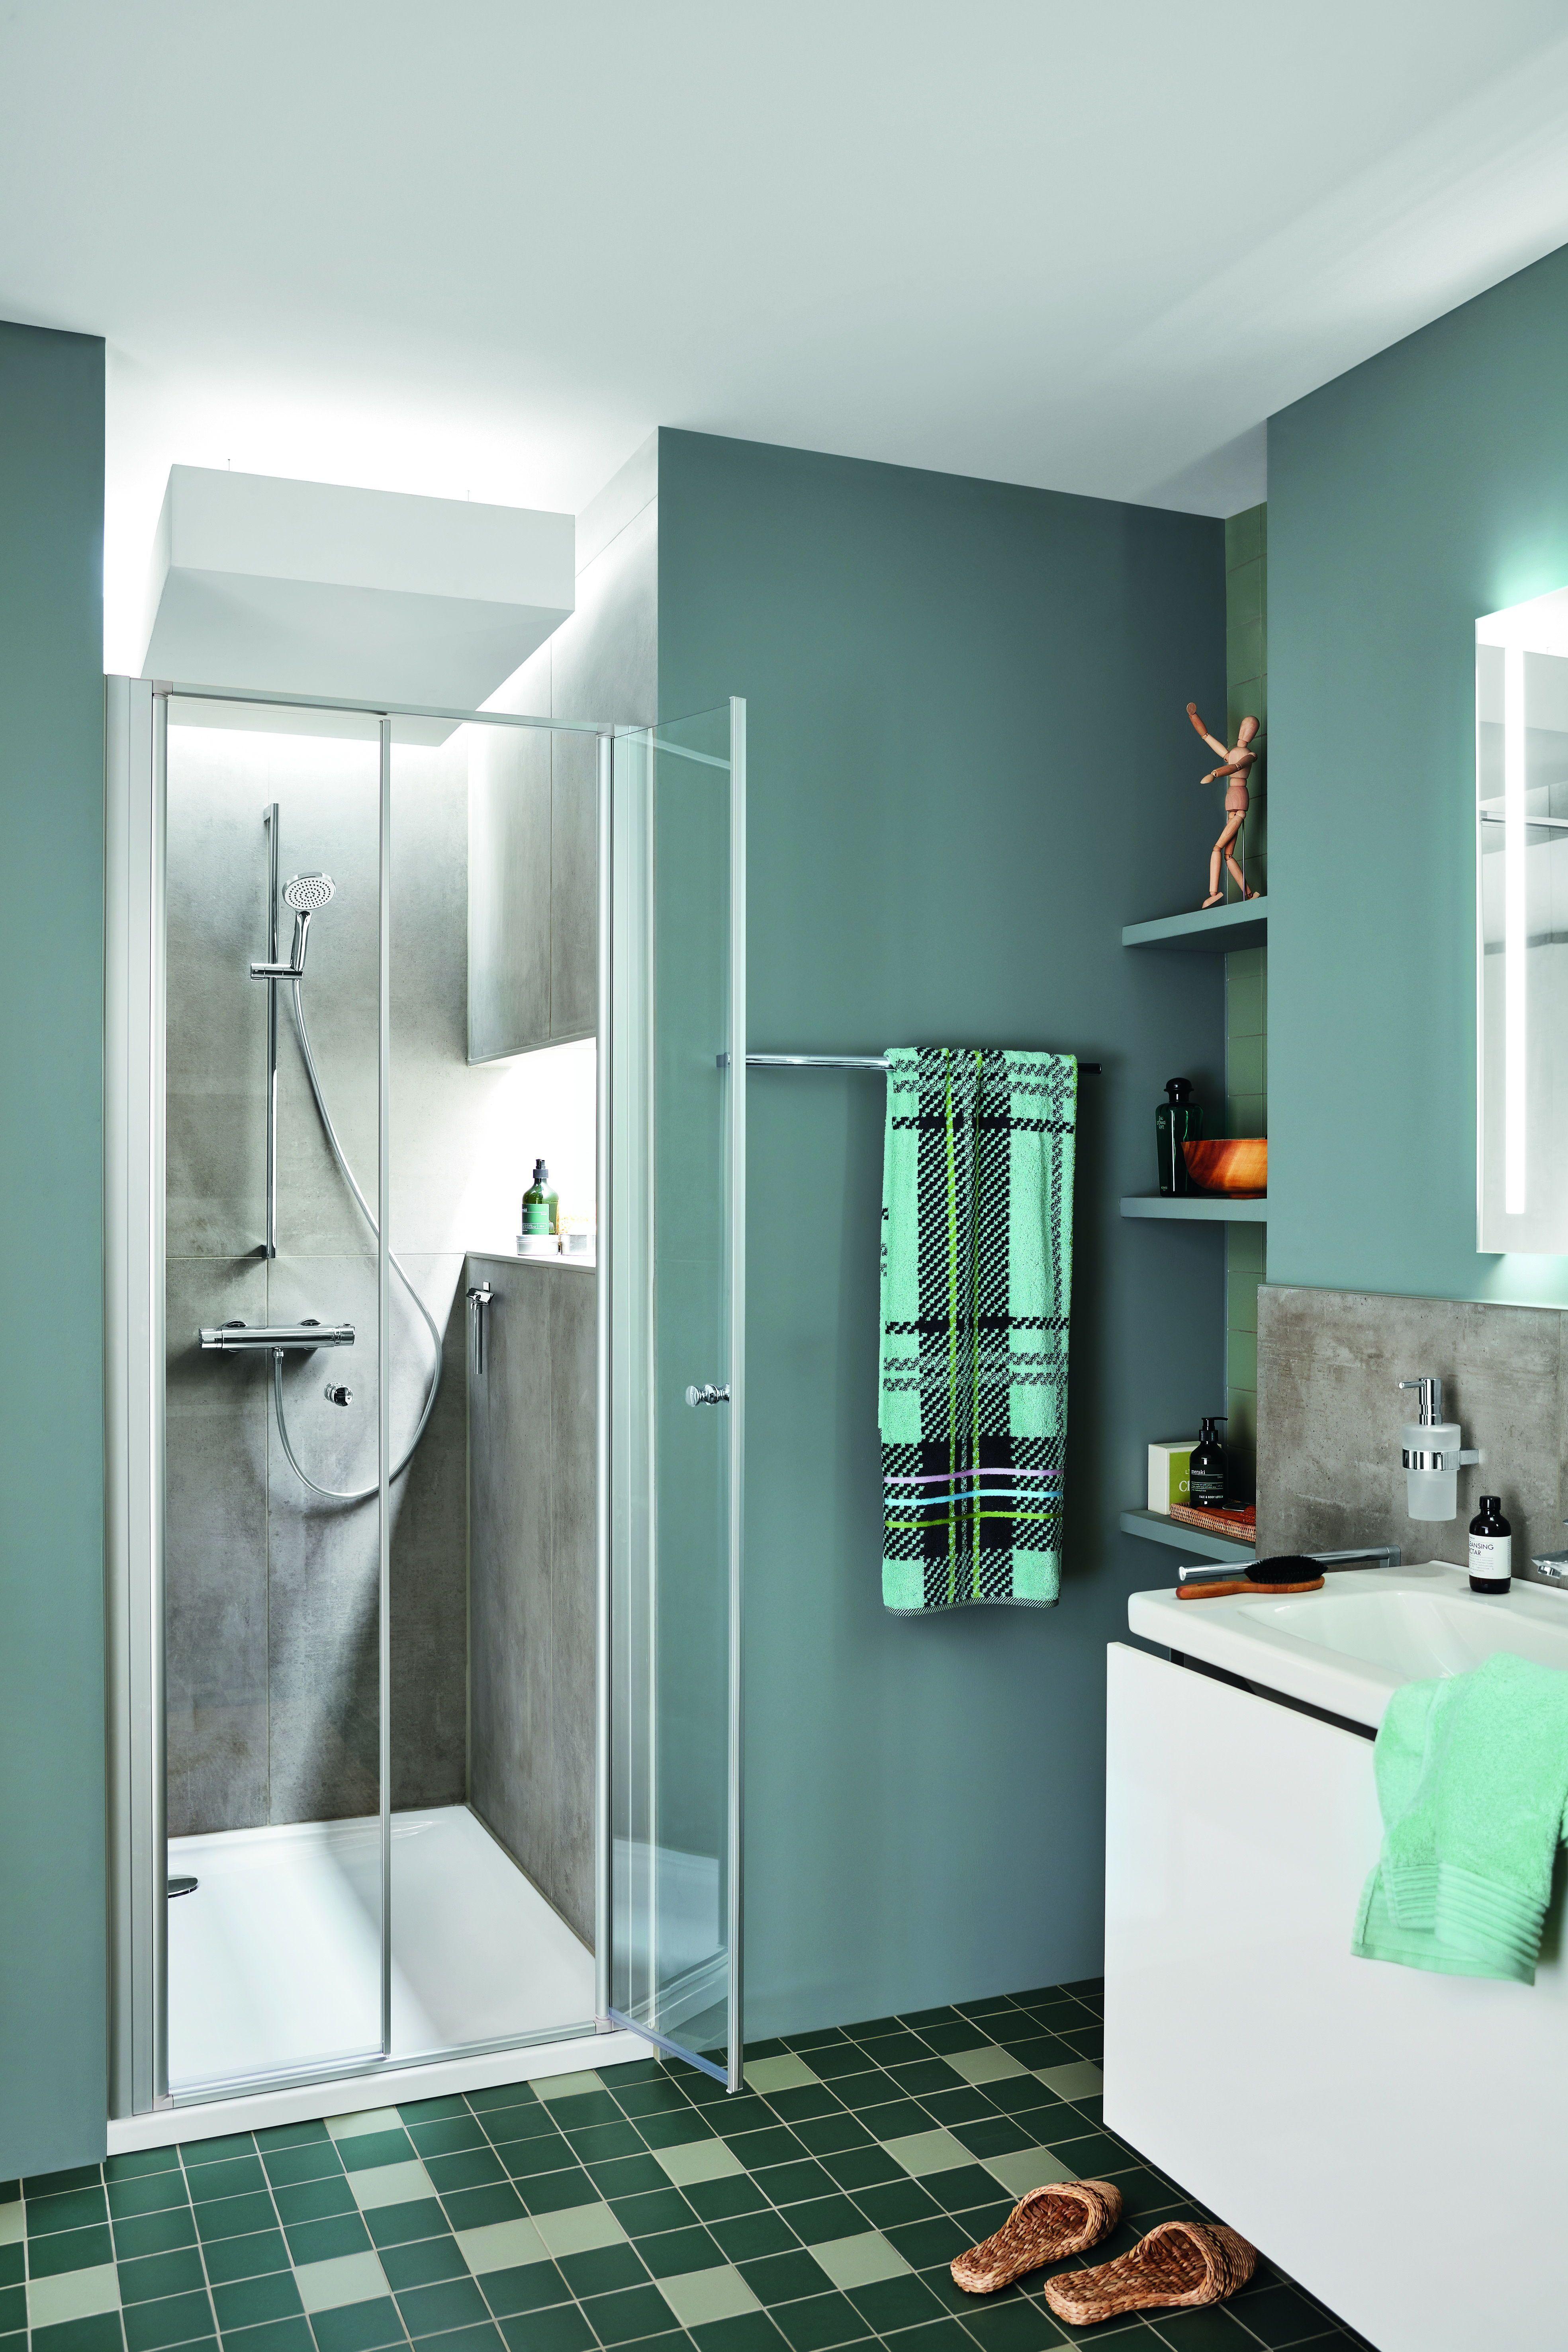 Kleines Badezimmer Mit Dusche Planen In 2020 Mini Bad Badezimmer Mit Dusche Badezimmer